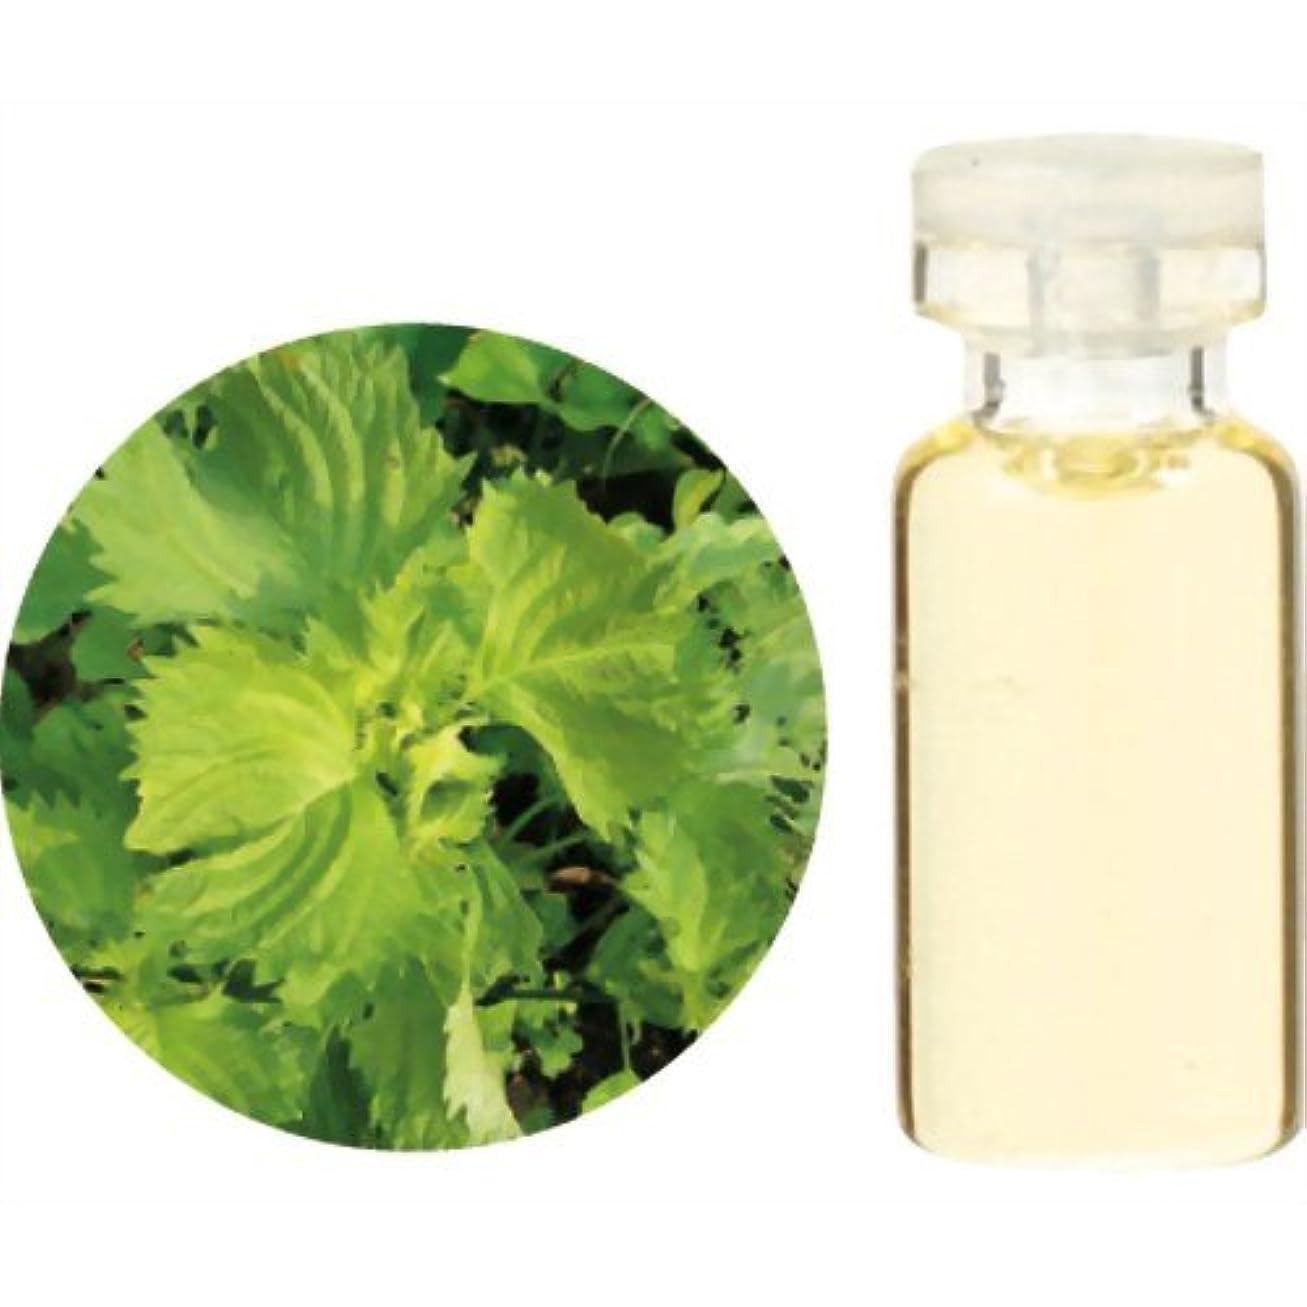 産地排出あいさつ生活の木 Herbal Life 和精油 紫蘇 1ml